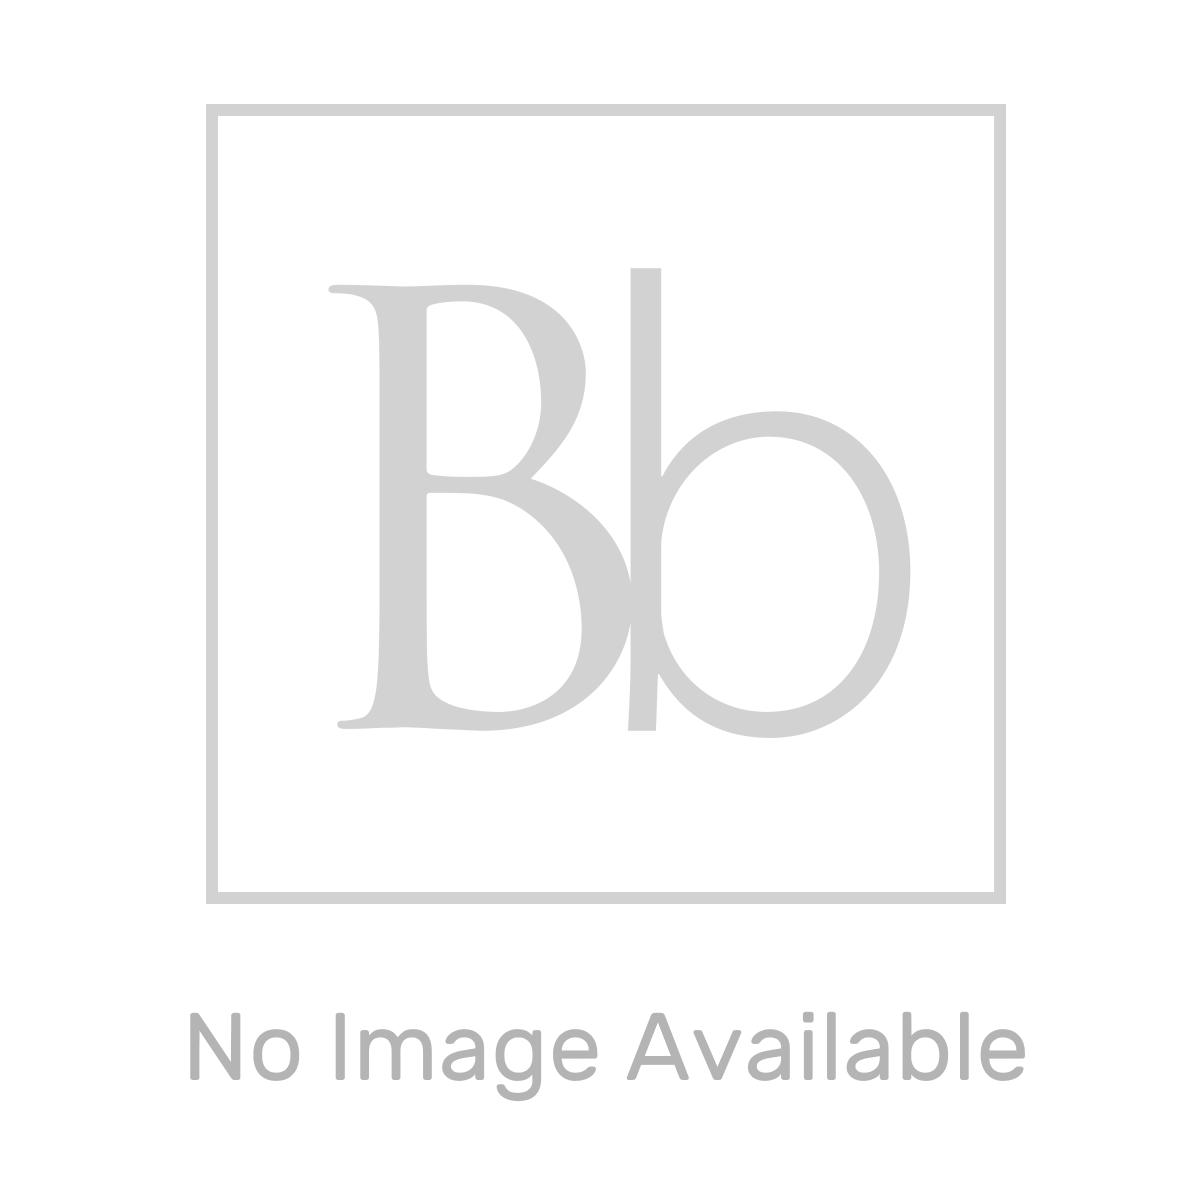 Nuie Linton Shower Bath 1500 x 700mm Dimensions